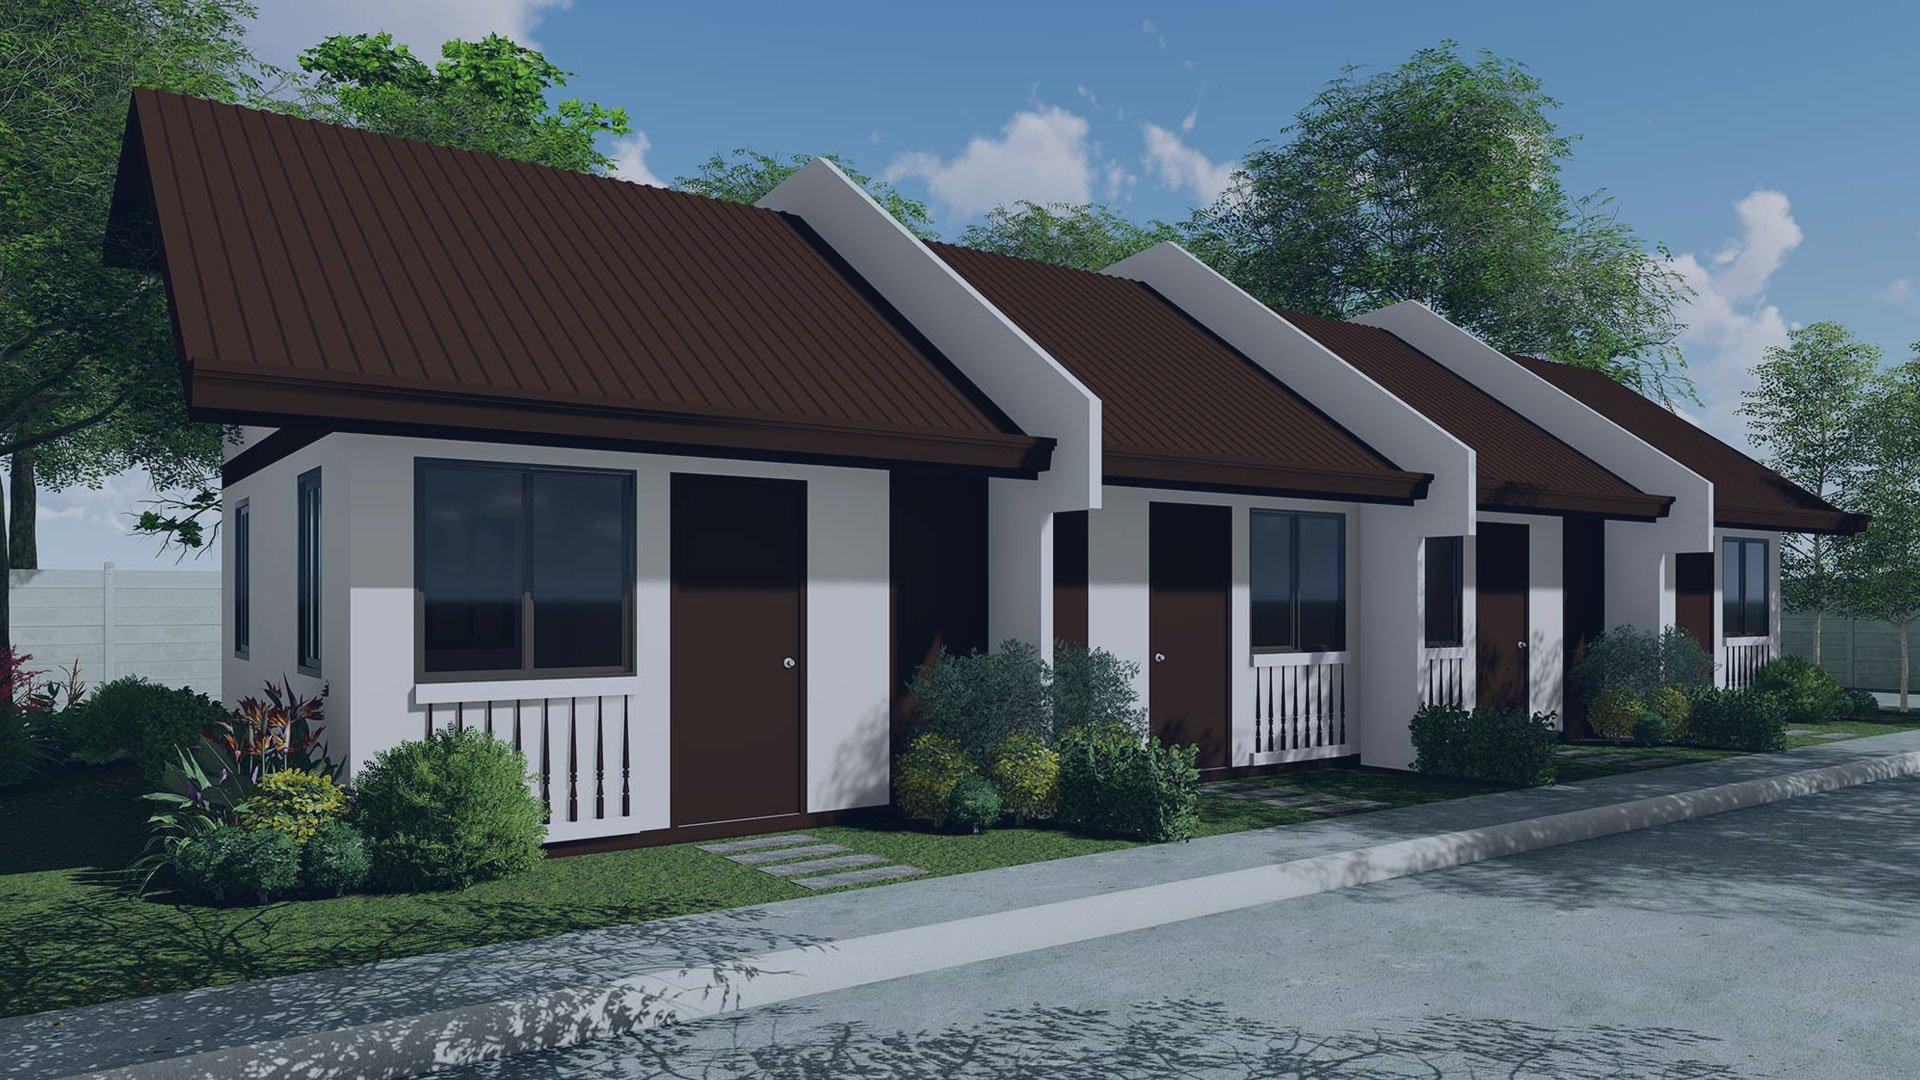 St. Joseph Homes Calamba Phase 2 Calamba City